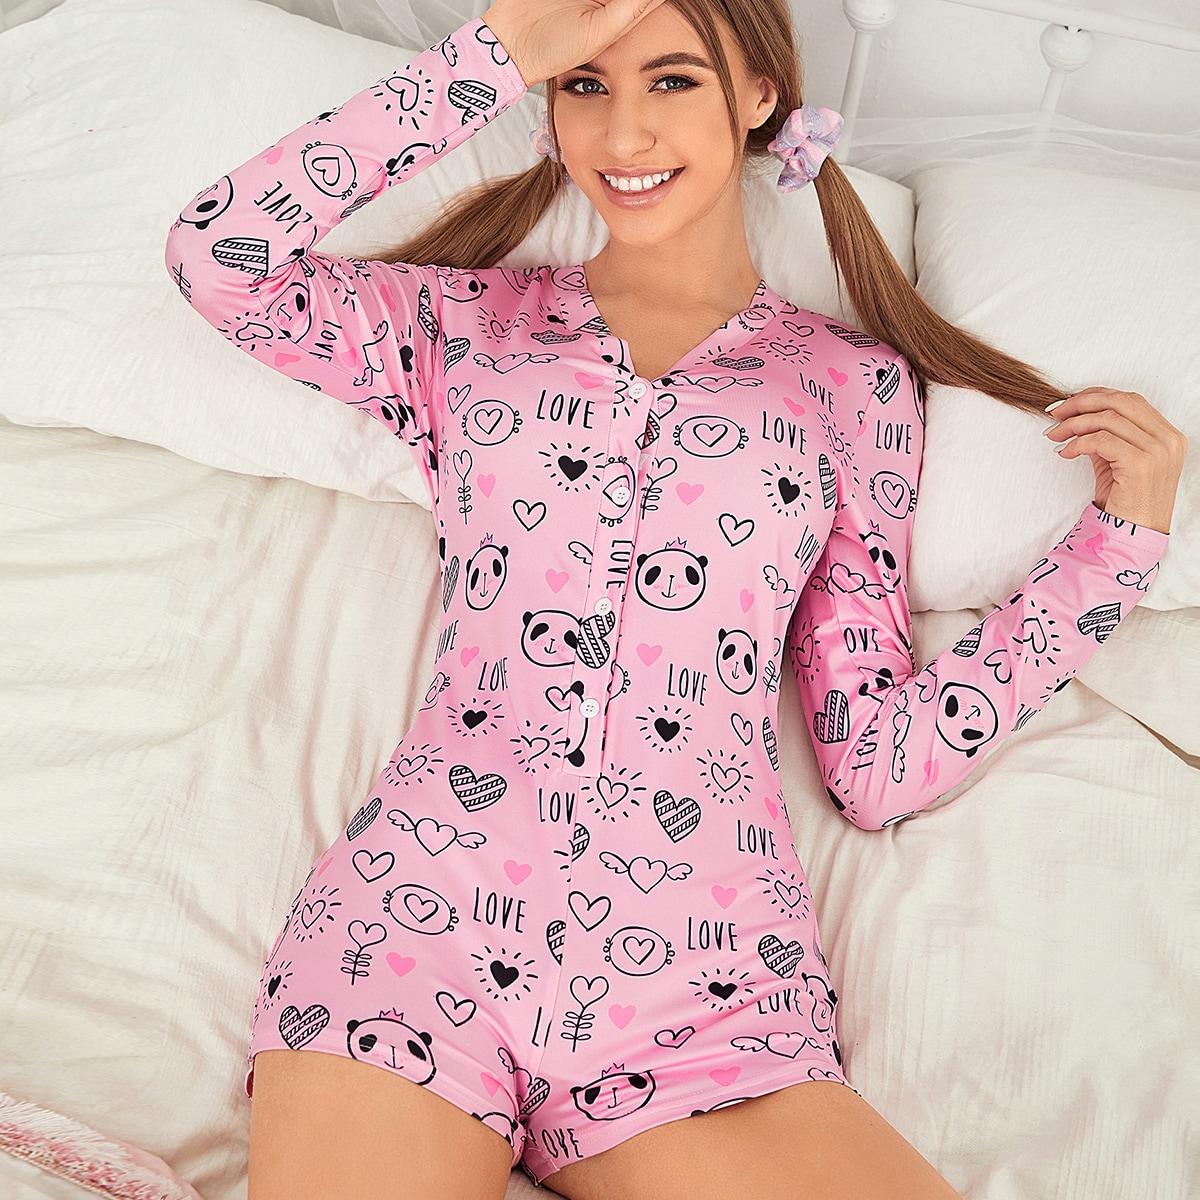 Комбинезон-пижама с текстовым и мультипликационным принтом